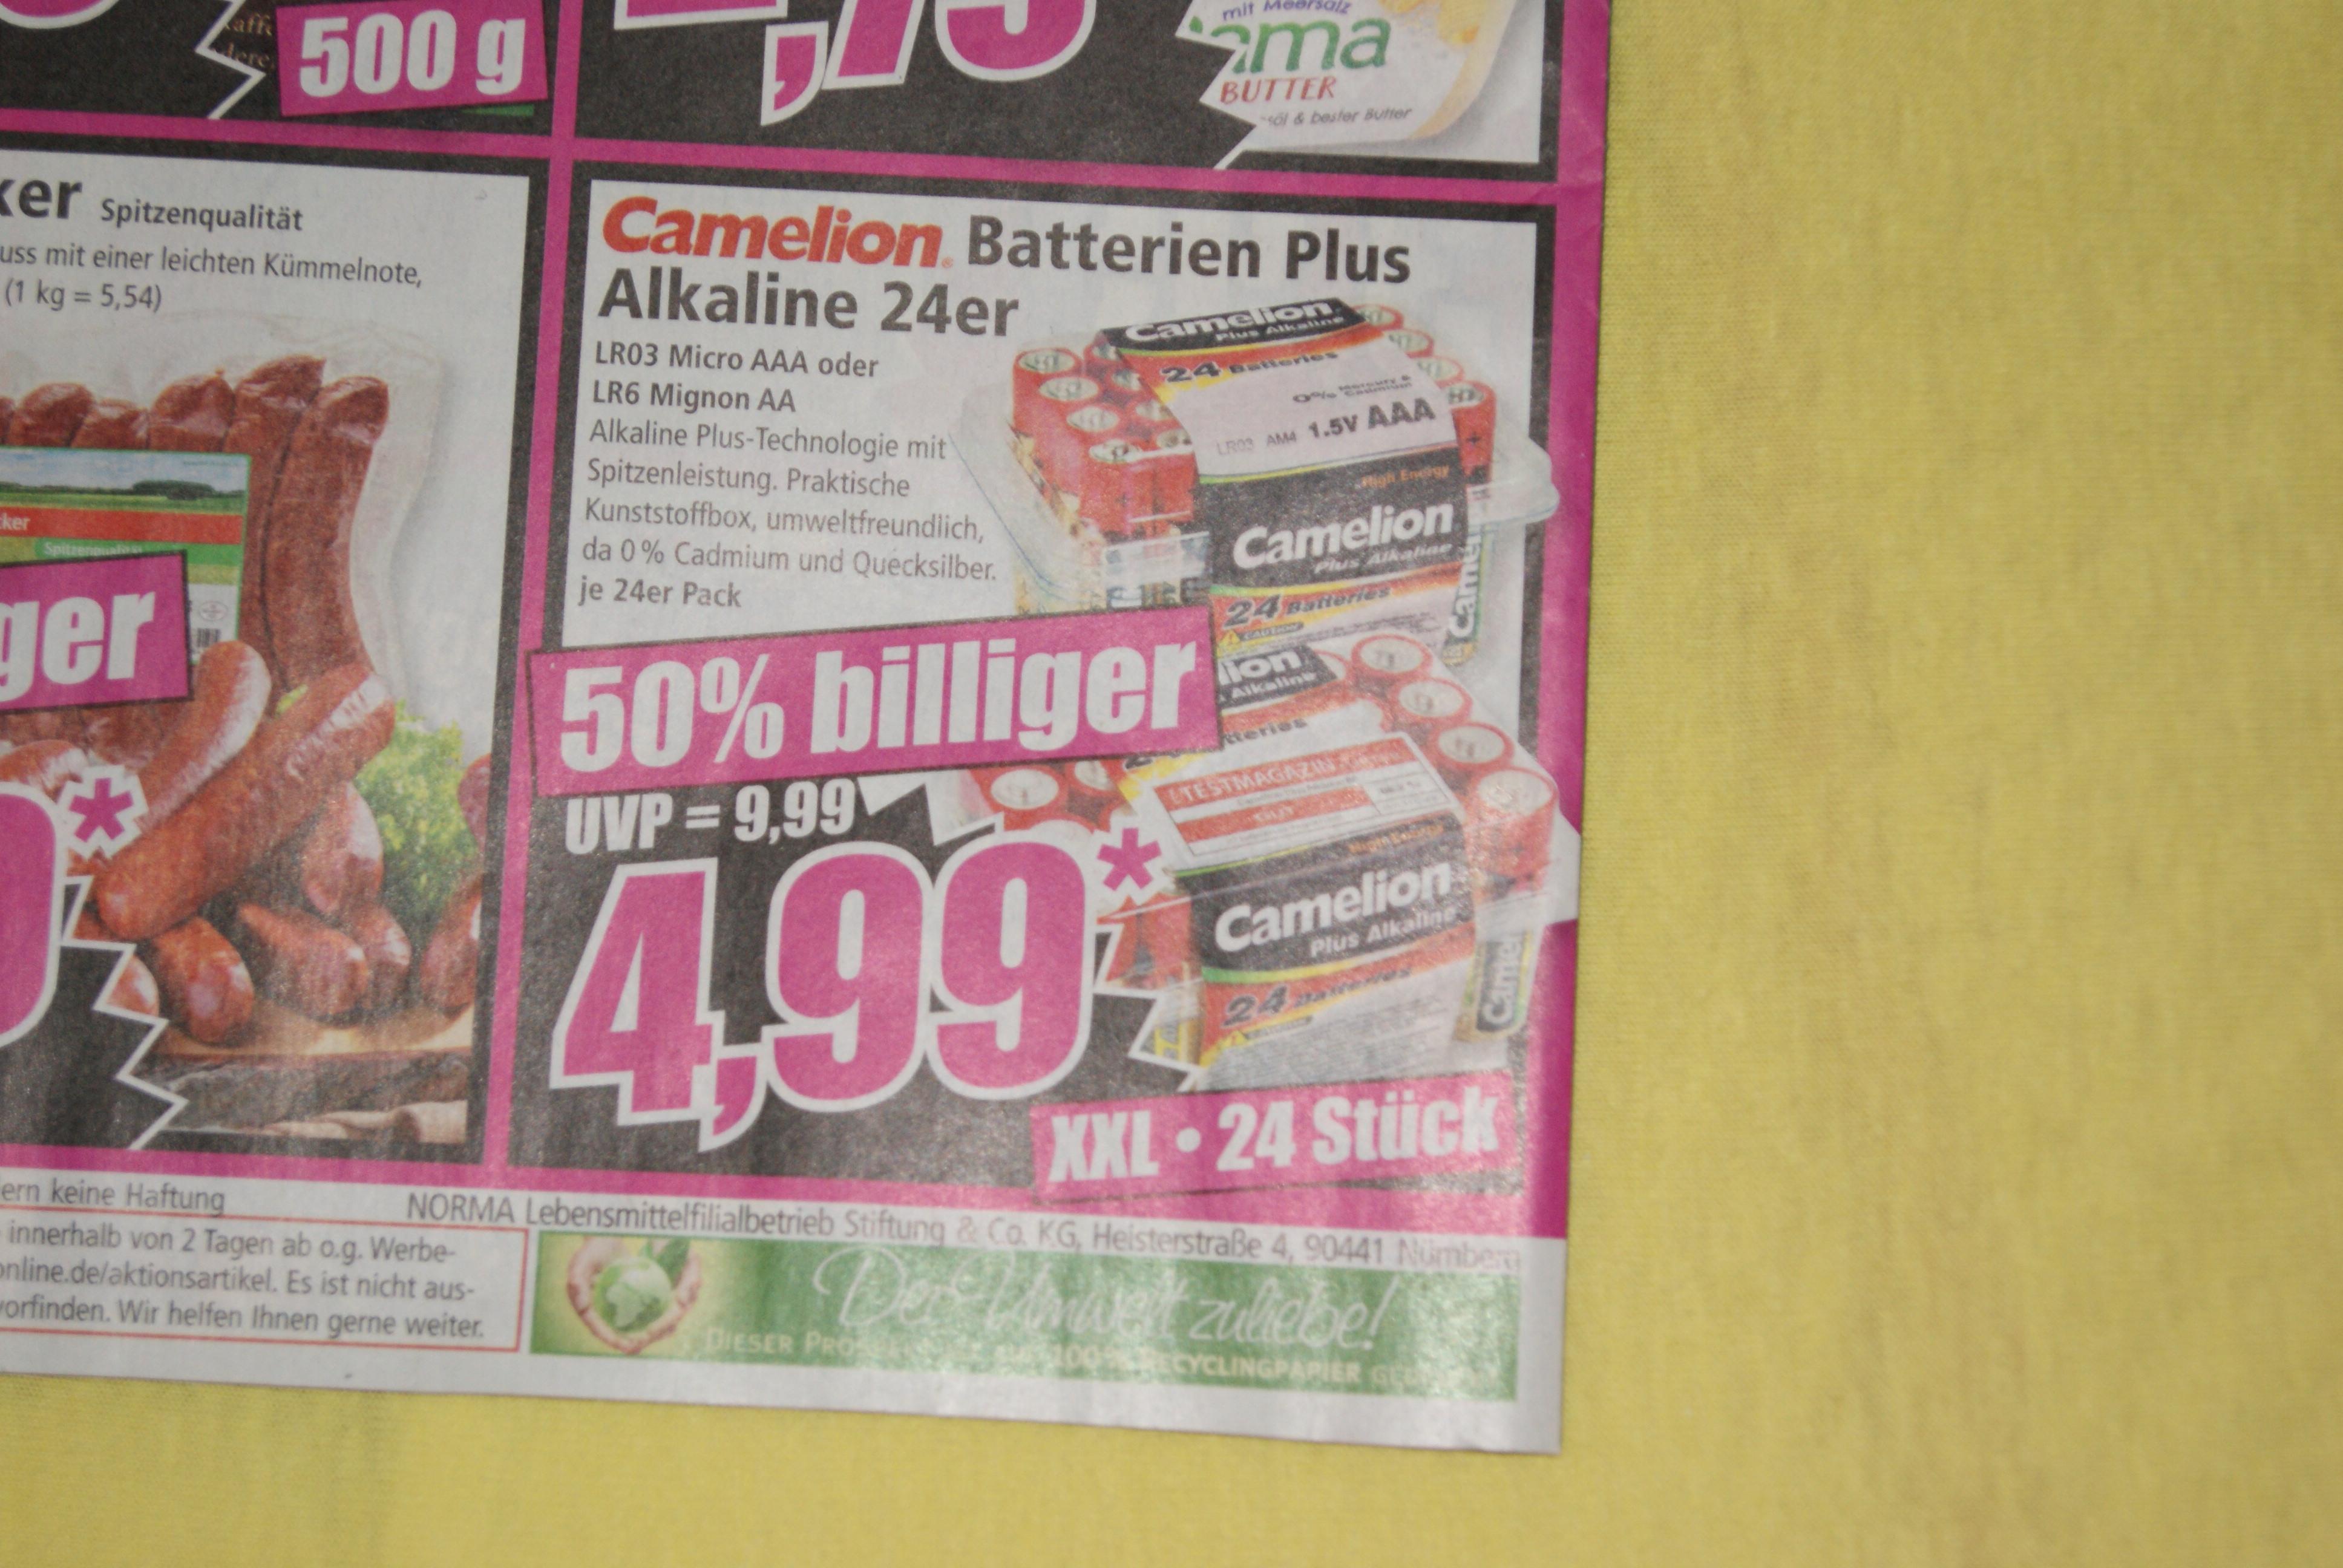 24 Batterien in AA oder AAA für nur 4,99 Euro ab 16.2. bei Norma bundesweit